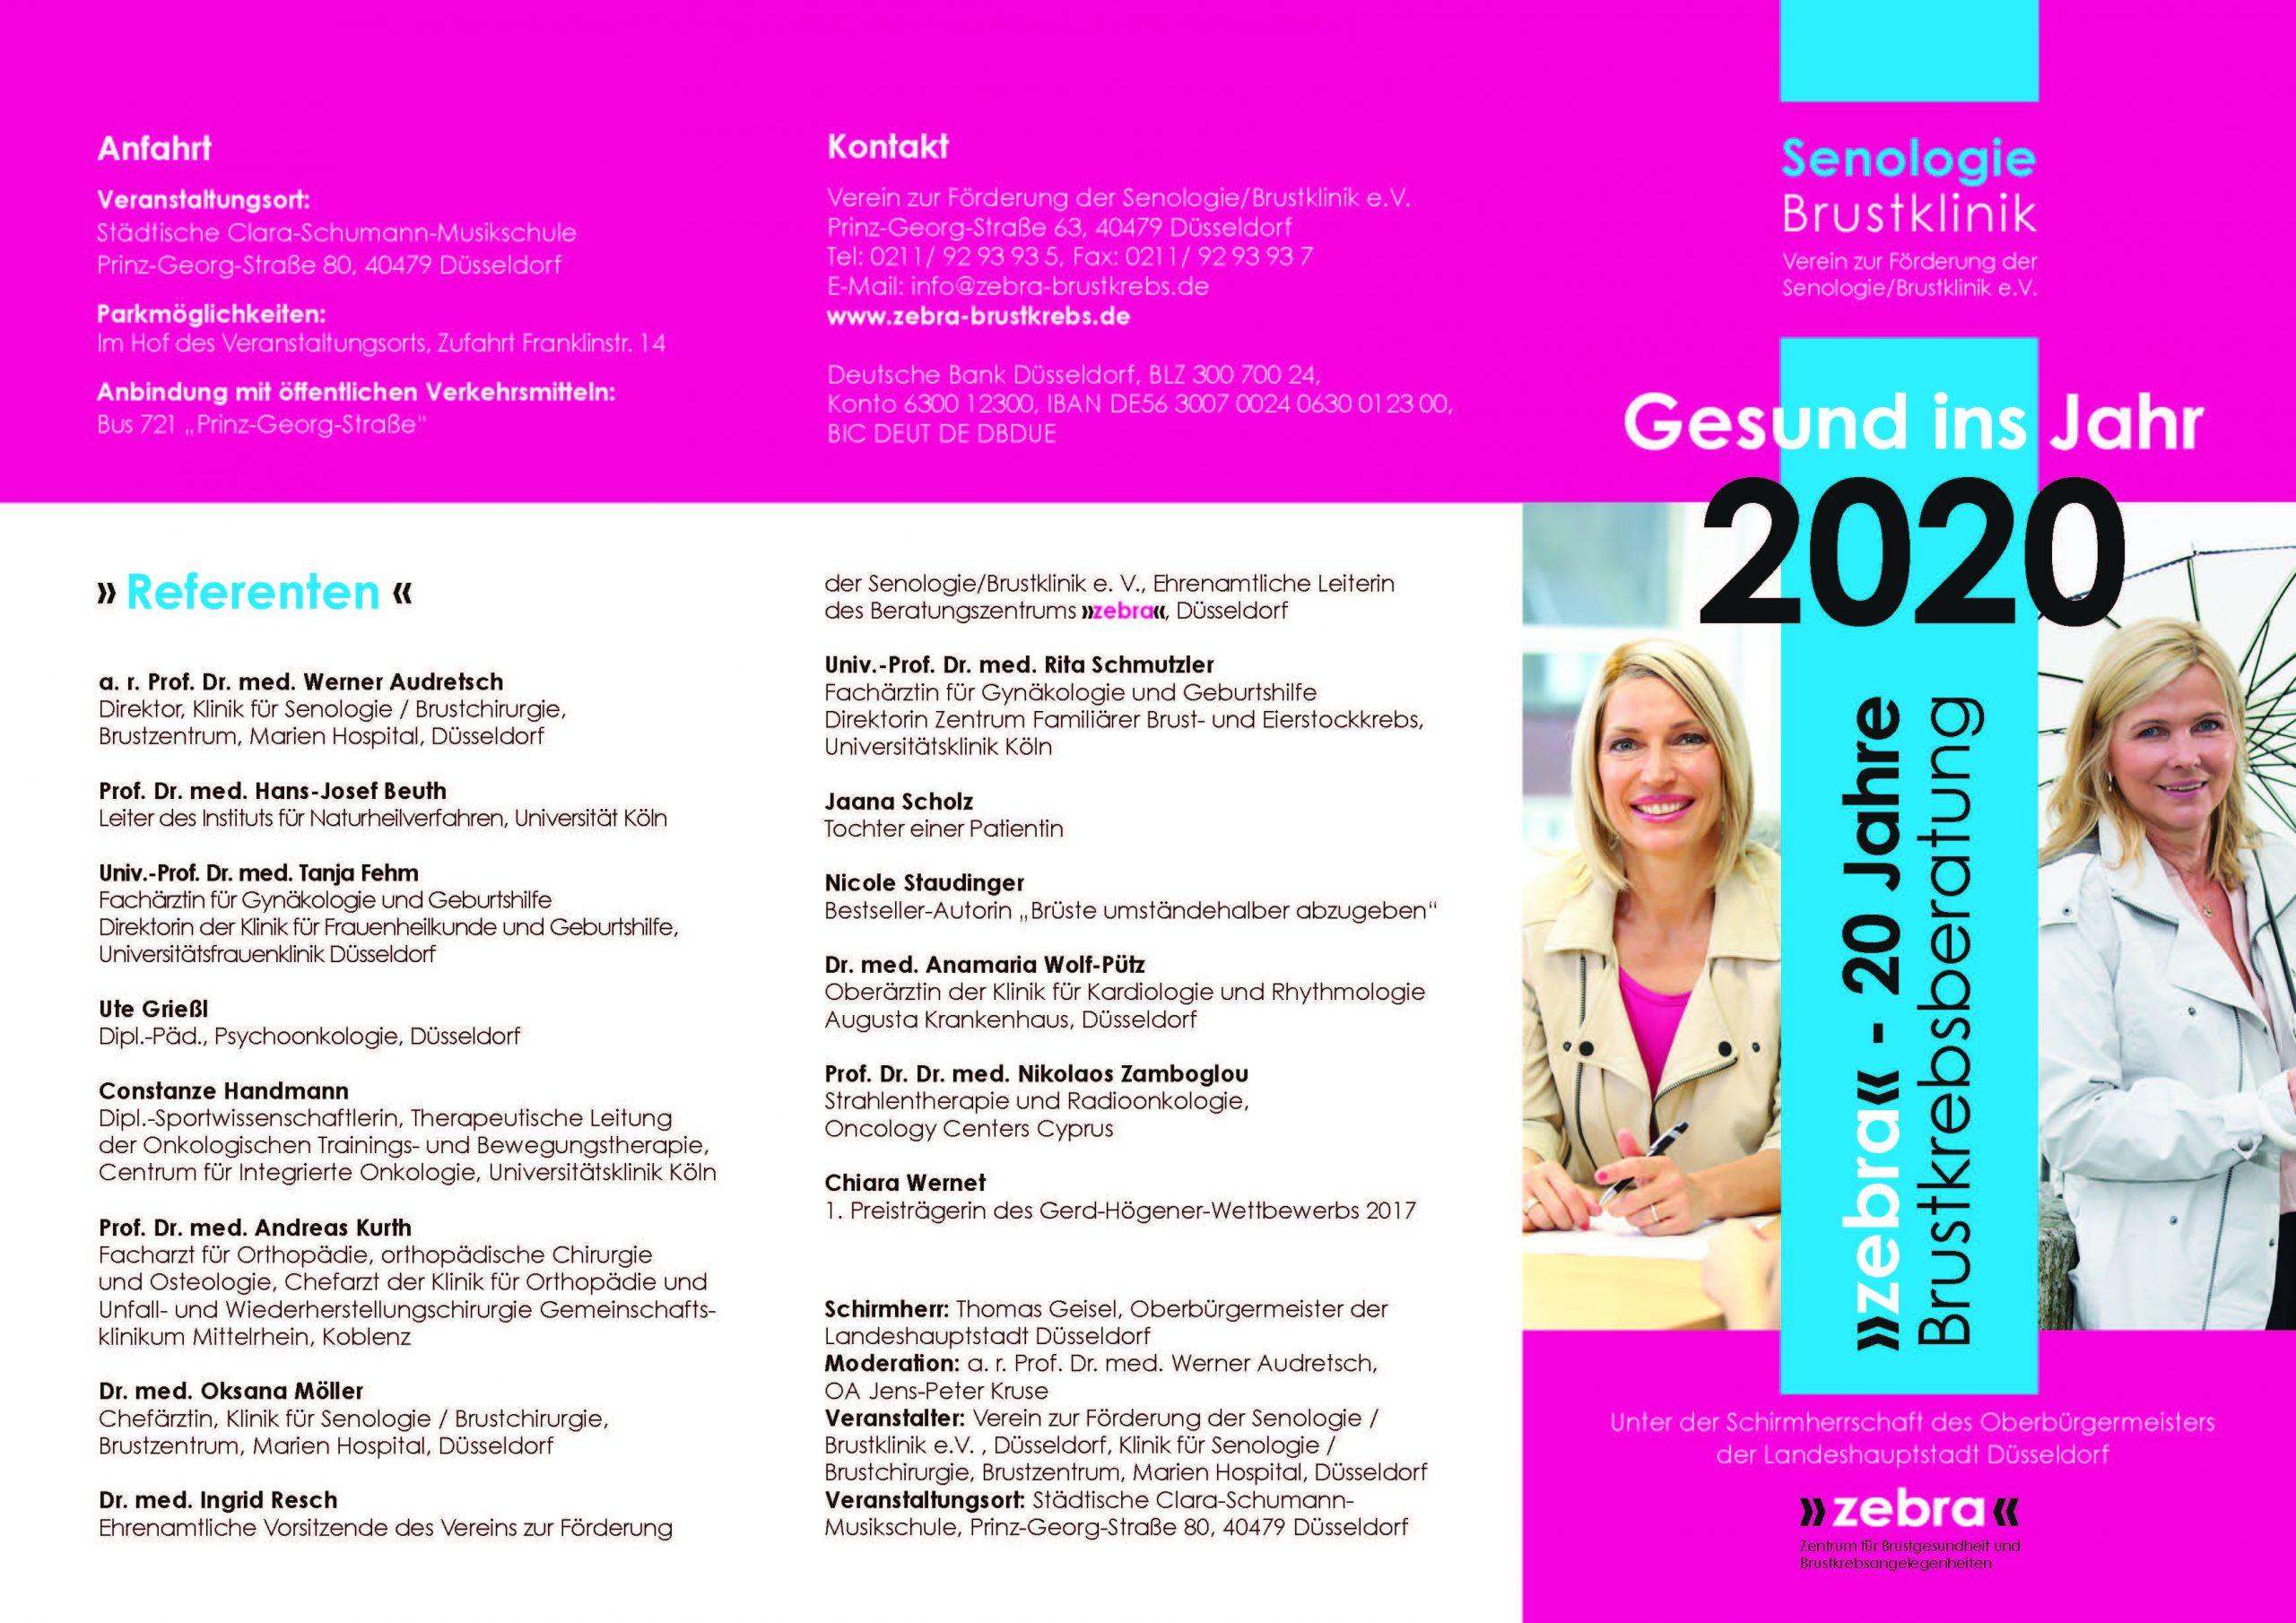 Gesund-ins-Jahr-2020_Programm_Brustkrebs-Beratung-zebra_Seite_1